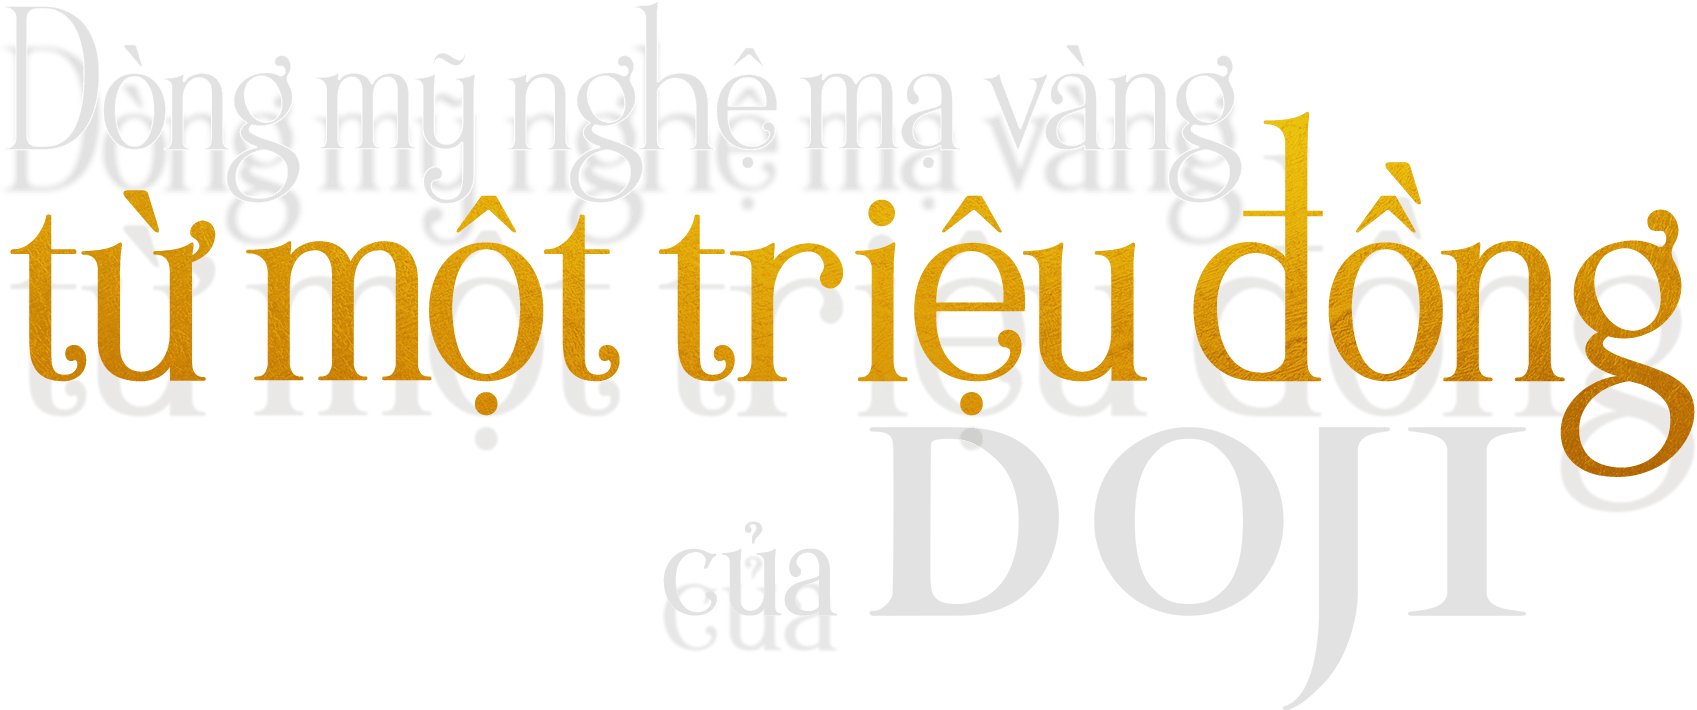 Dòng mỹ nghệ mạ vàng từ một triệu đồng của DOJI